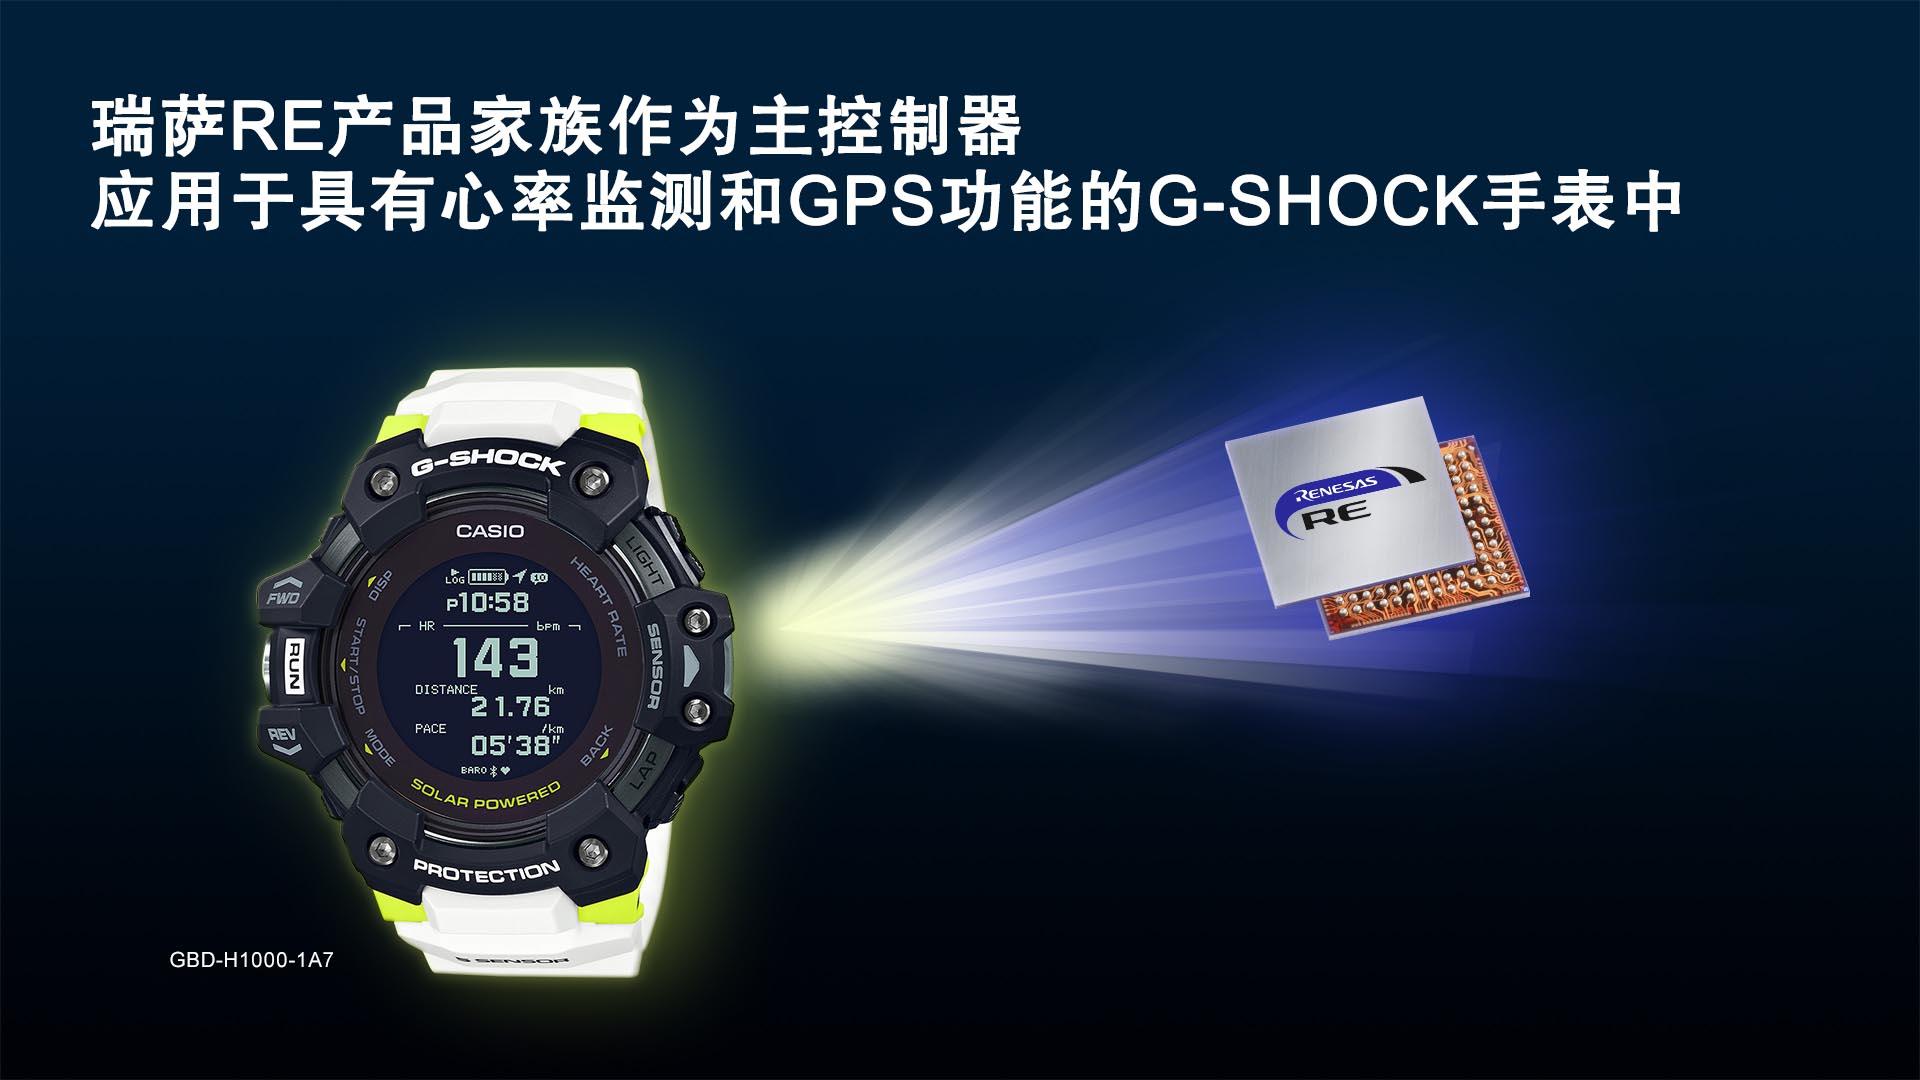 瑞萨RE产品家族作为主控制器 应用于具有心率监测和GPS功能的G-SHOCK手表中